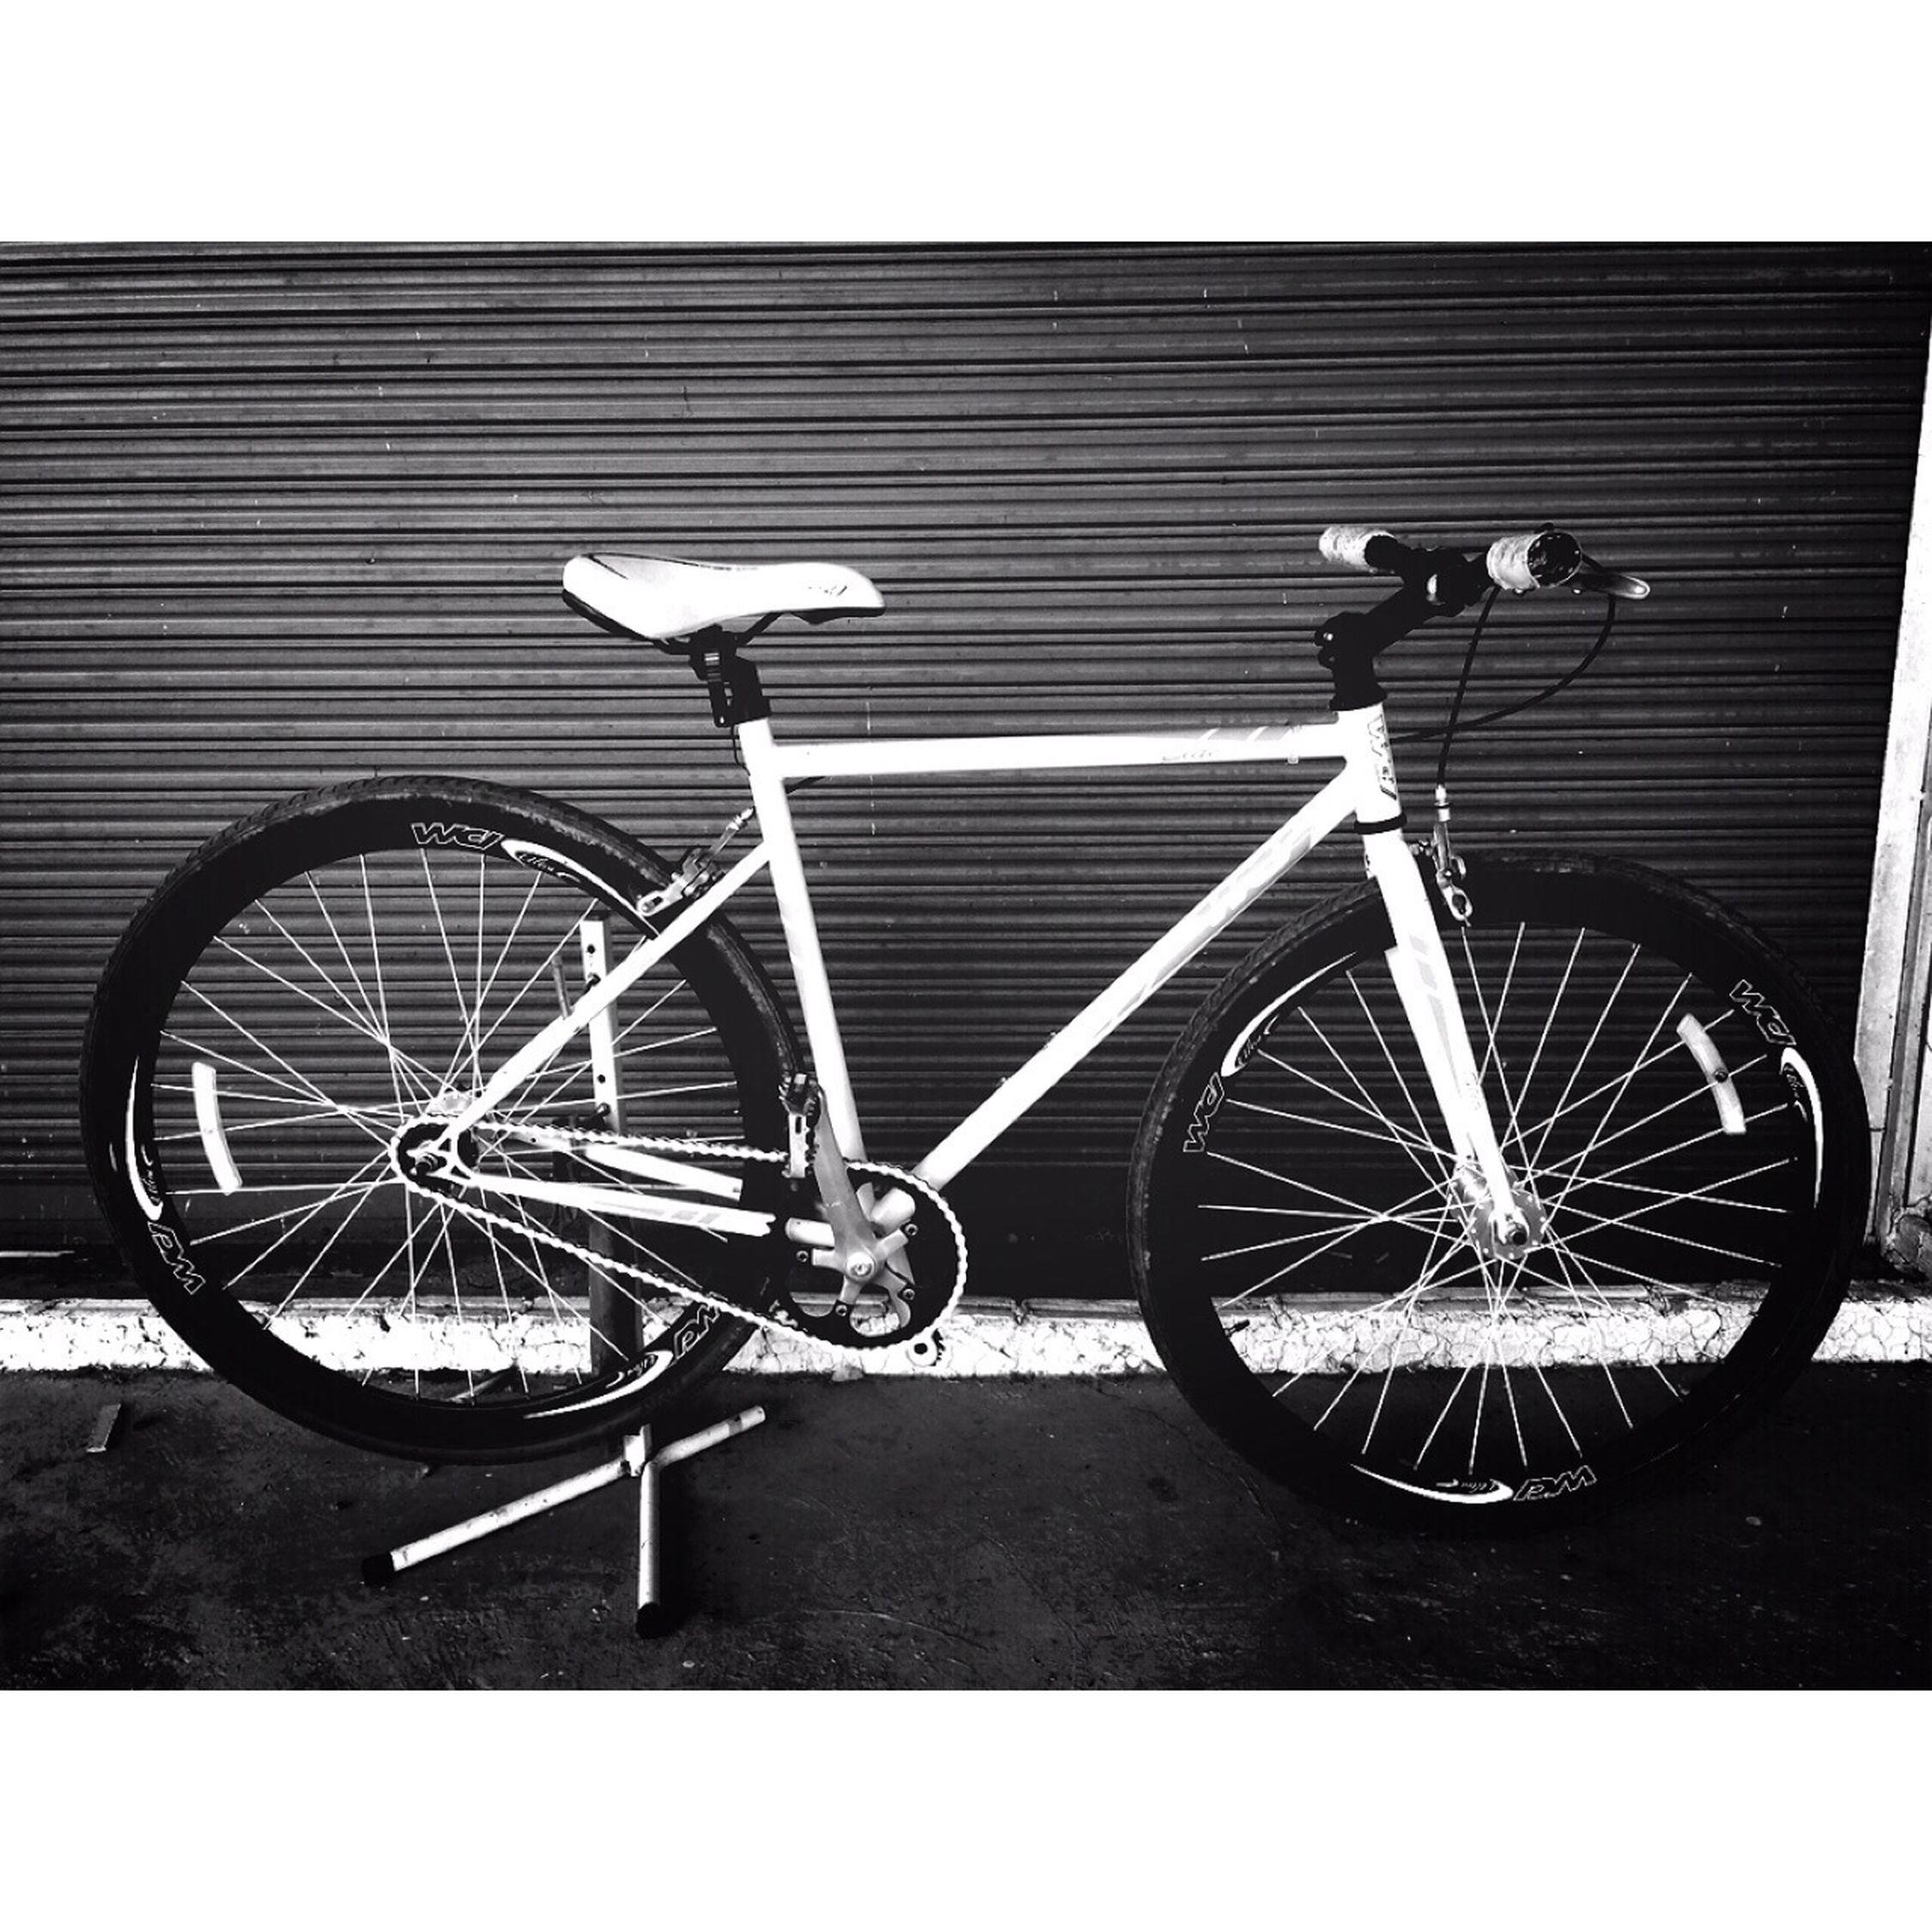 จักรยานคันโปรด Fixed Gear ไม่ได้ปั่นนาน คิดถึงงงงว❤️